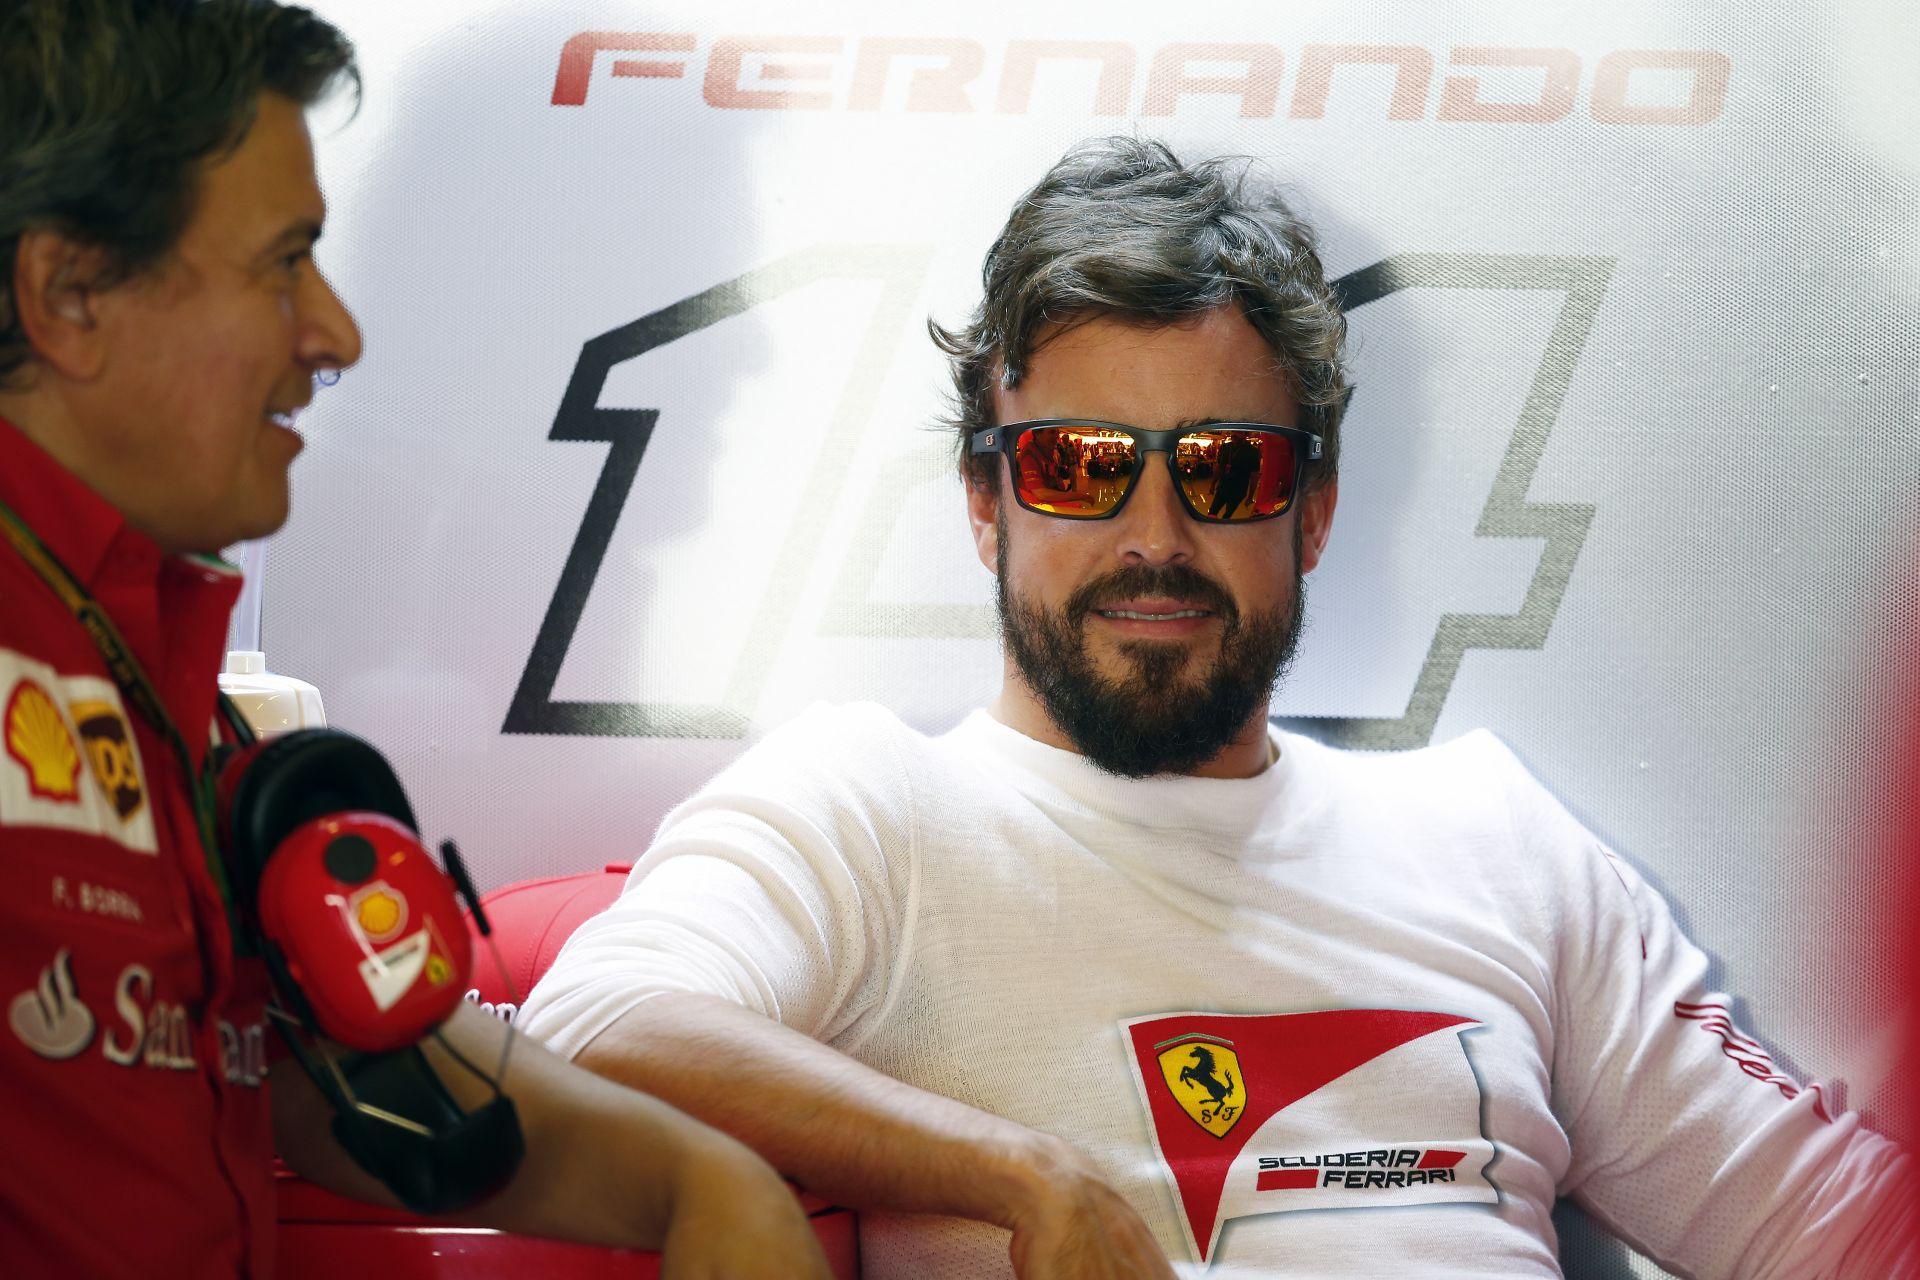 Majd az idő megmondja, hogy Alonso rosszul döntött, vagy sem